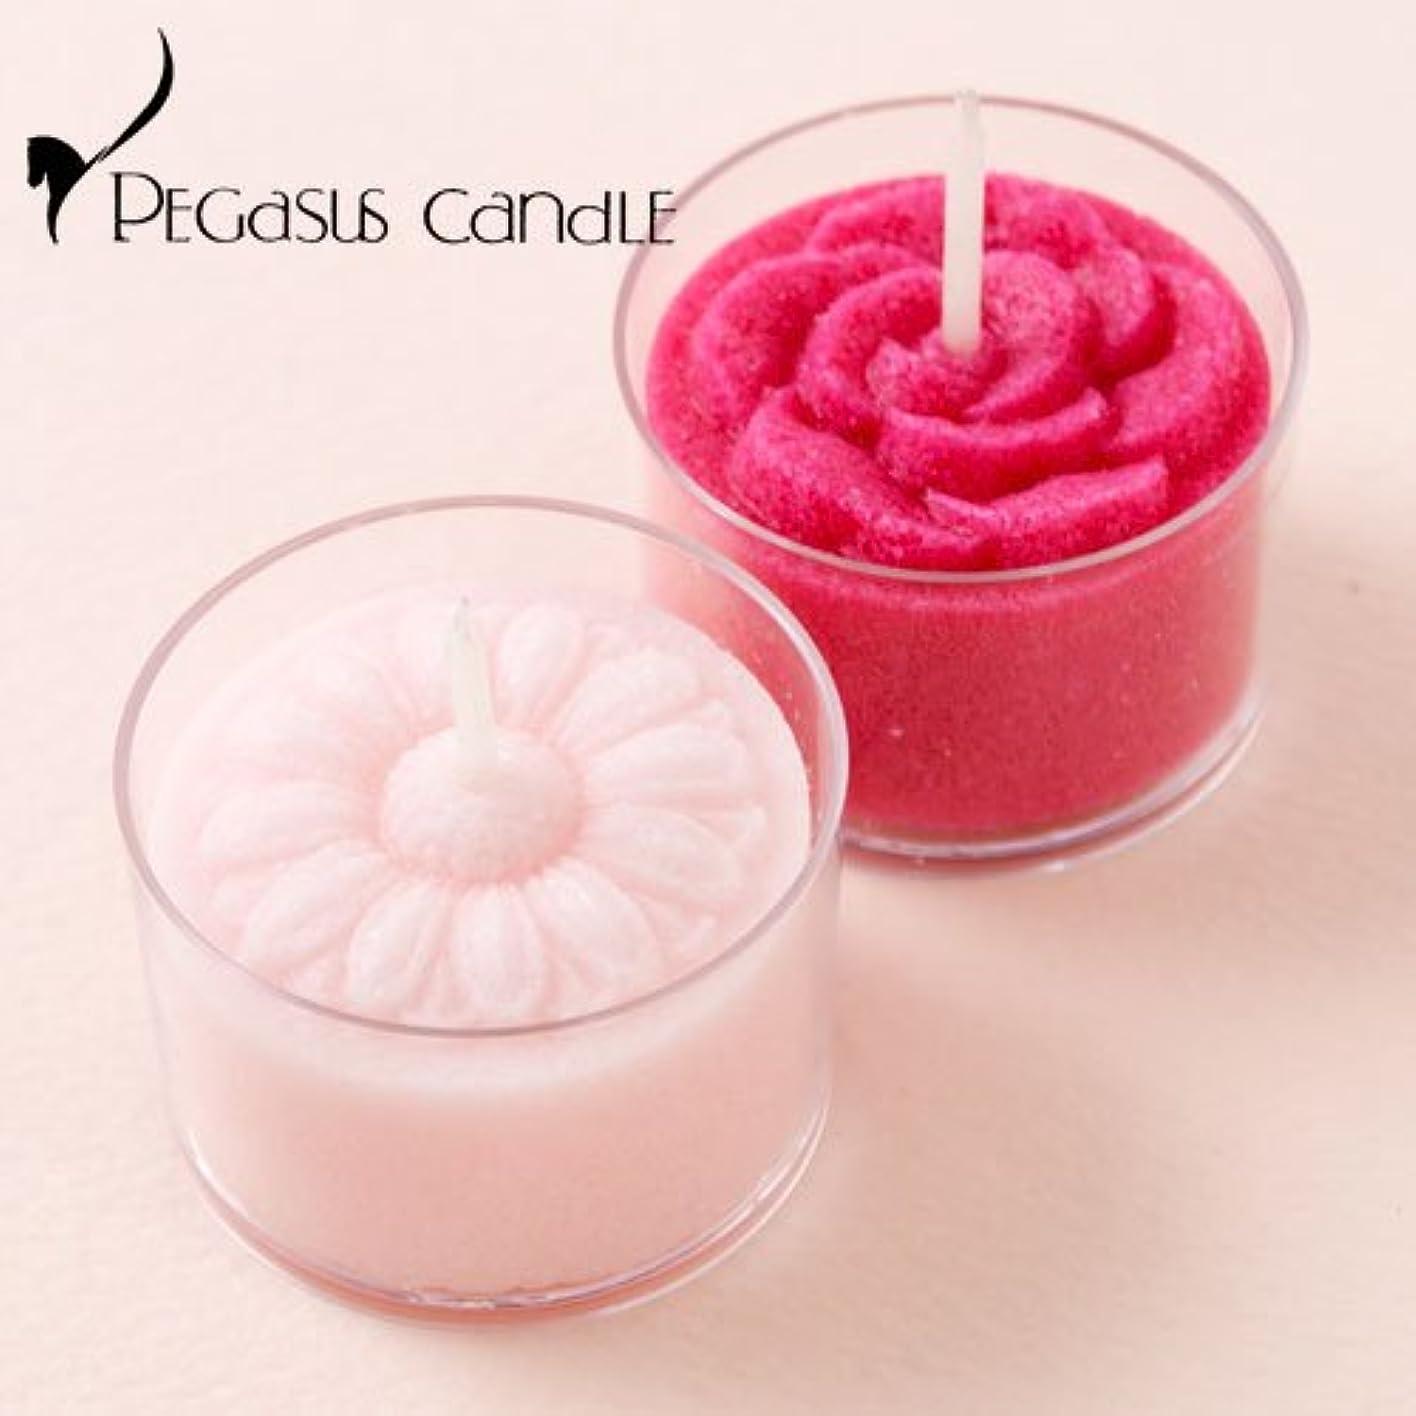 近々急いでマイク花暦マーガレット?バラ花の形のキャンドル2個セット(無香タイプ)ペガサスキャンドルFlower shaped candle